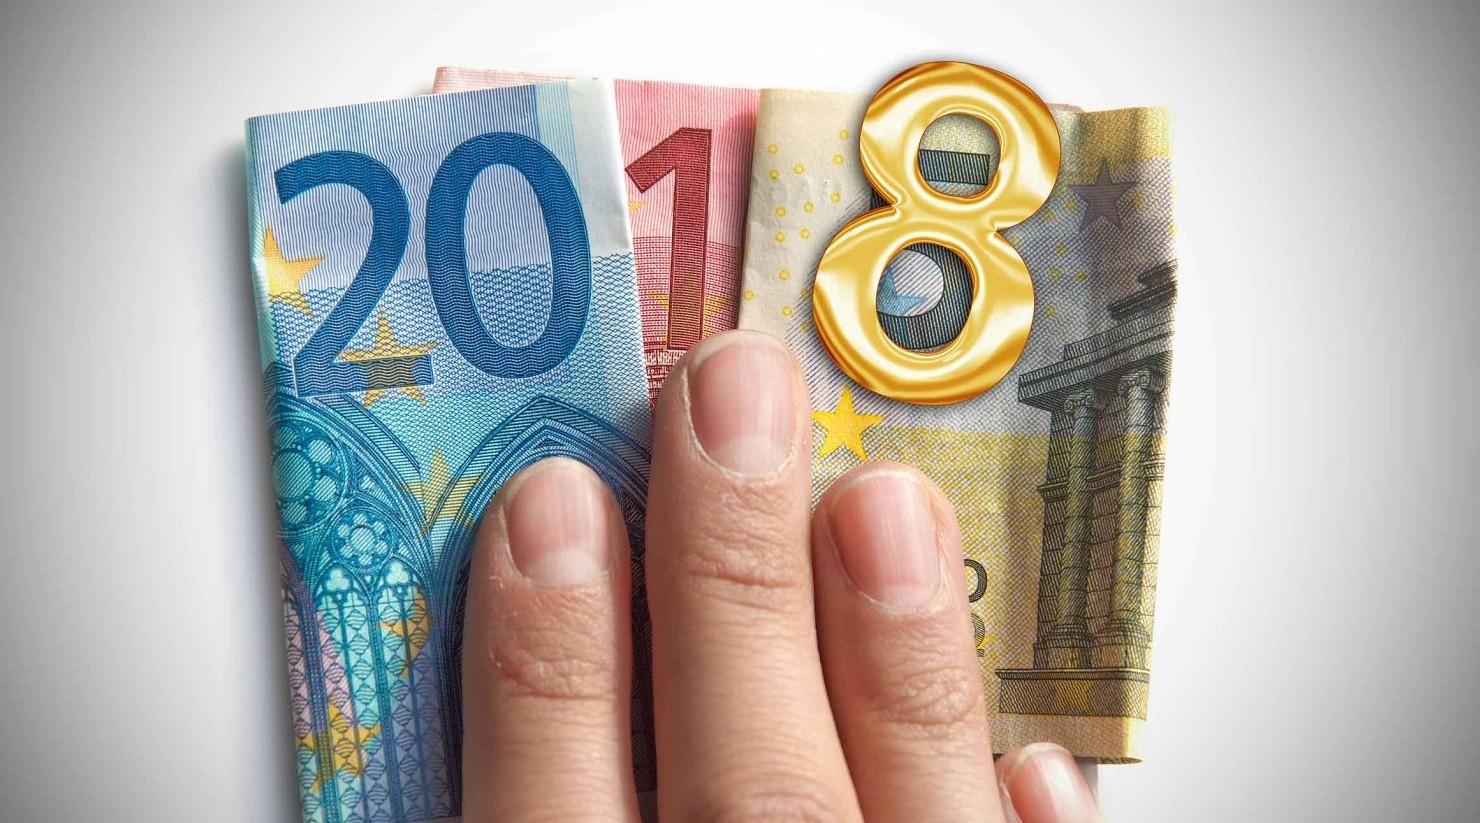 Flat tax non conviene rispetto gli 80 eu